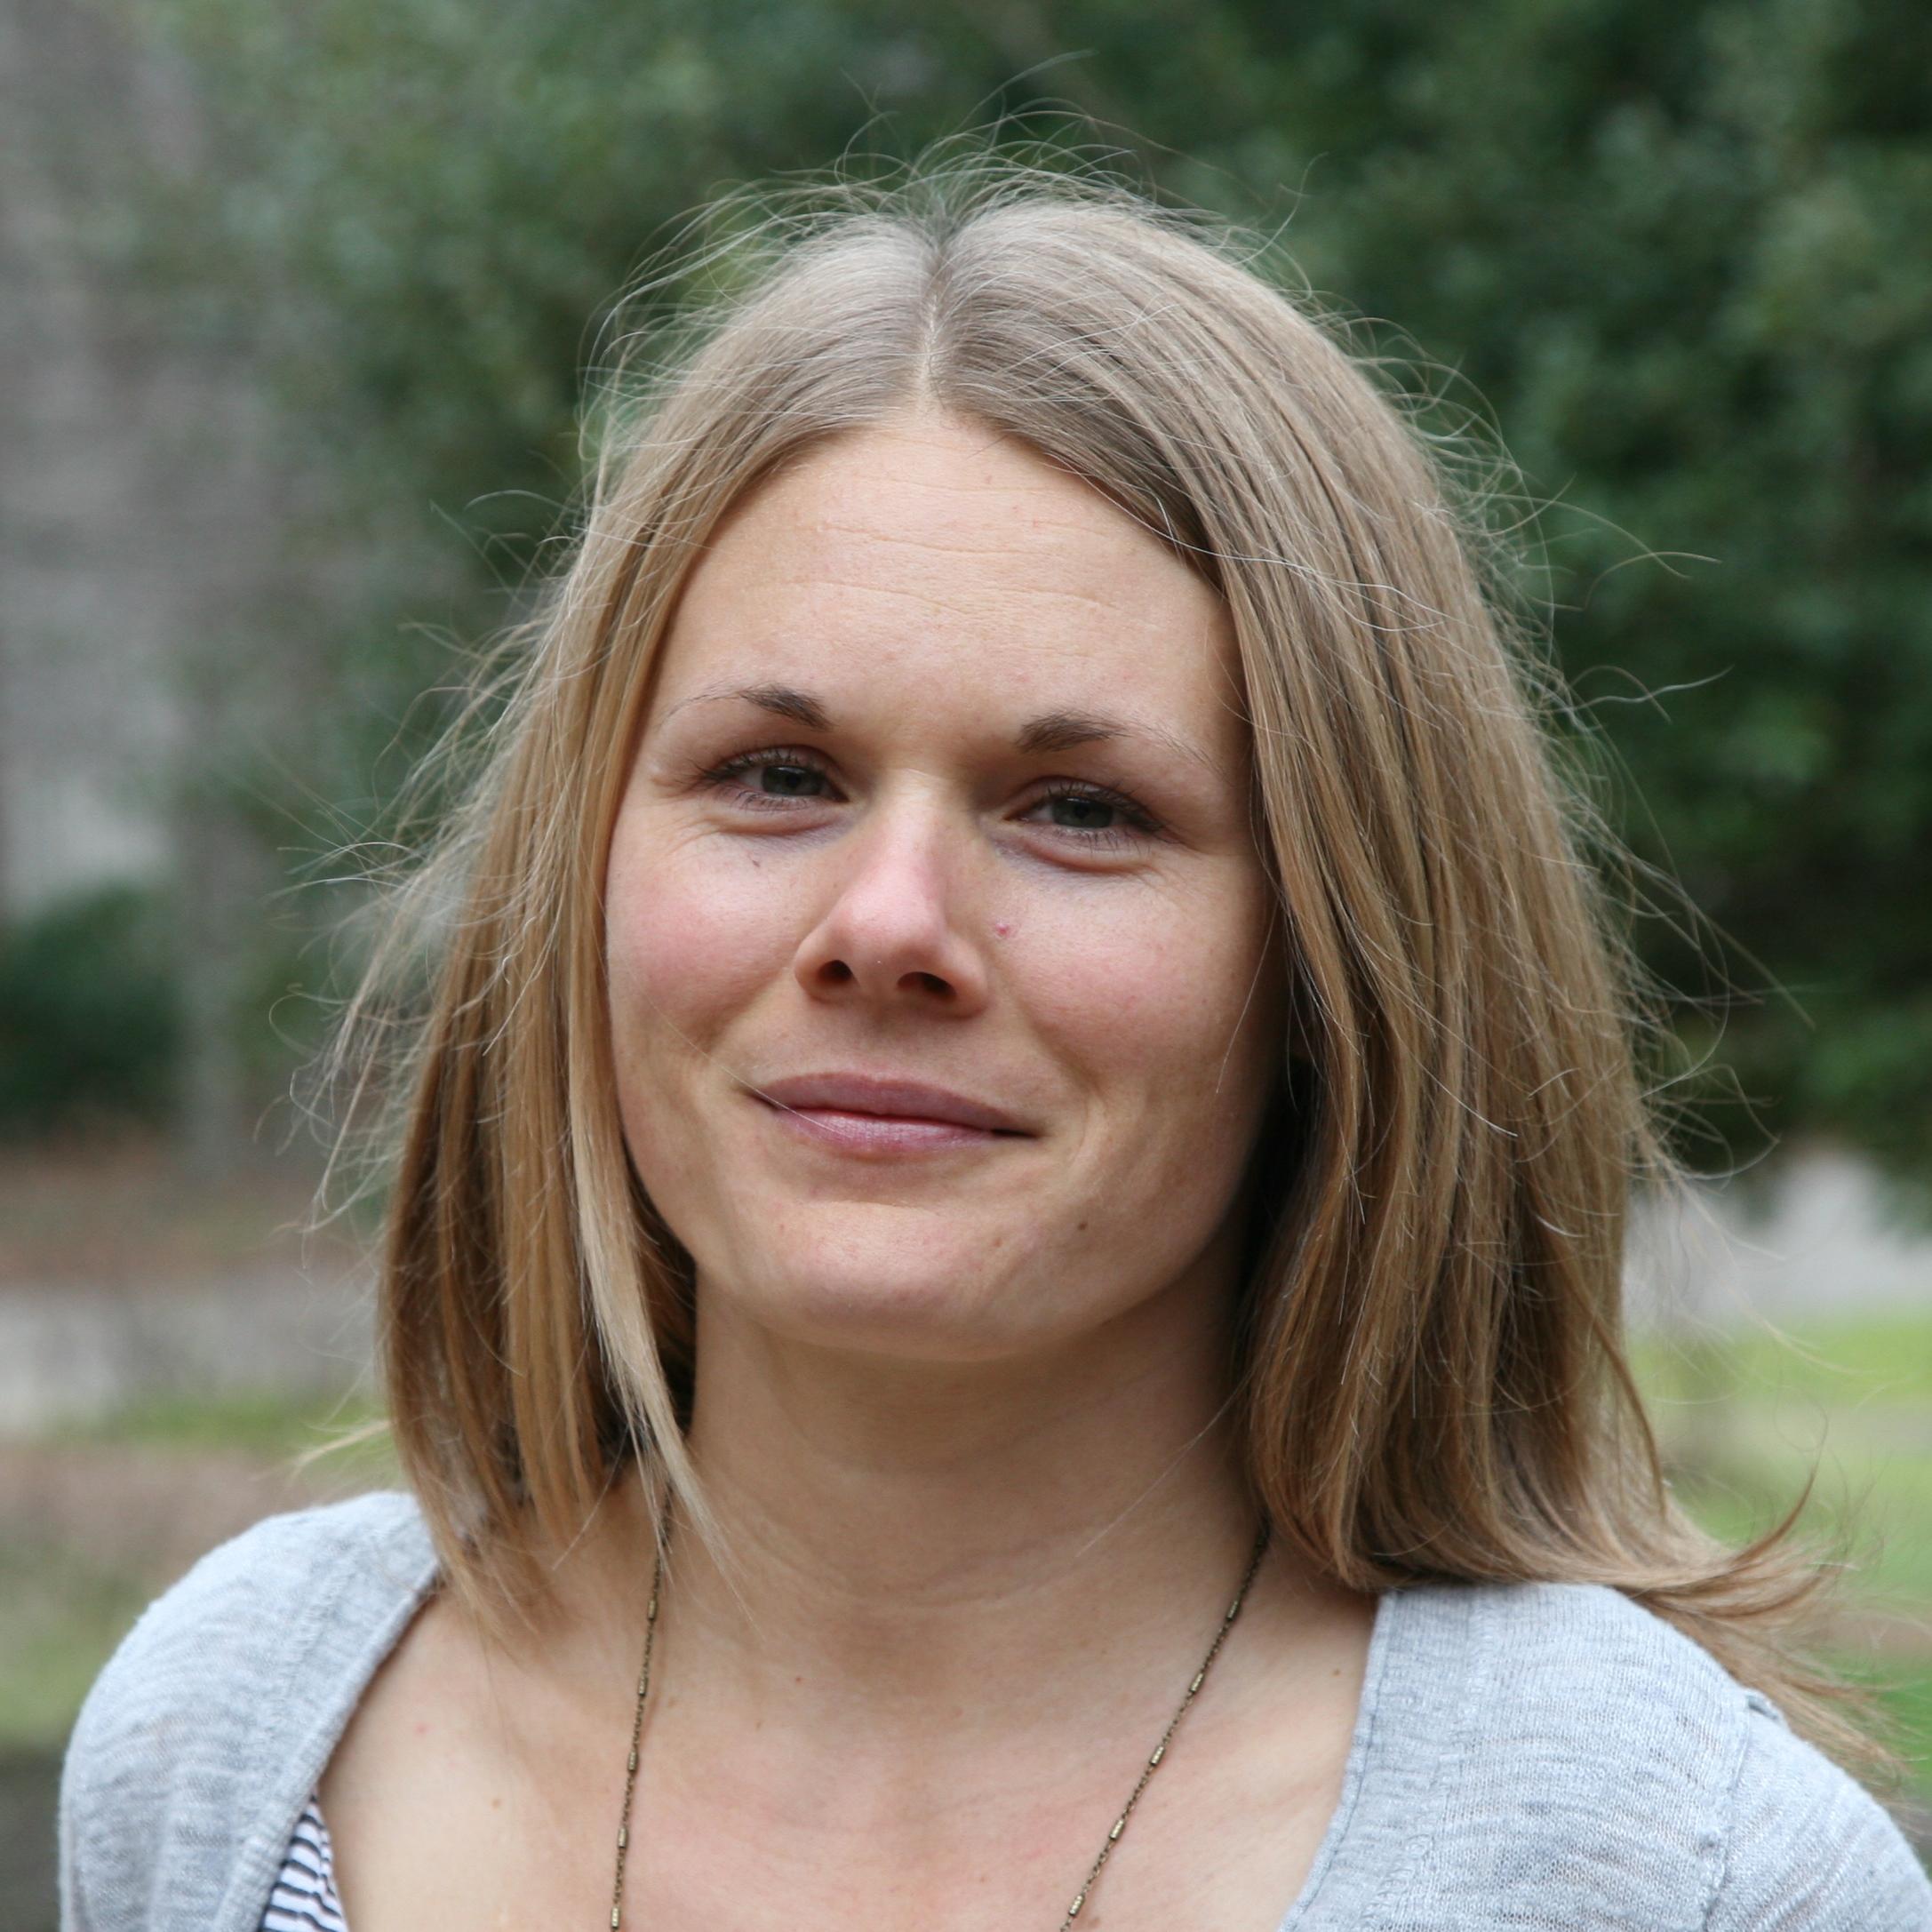 Katie Sheehan Hill